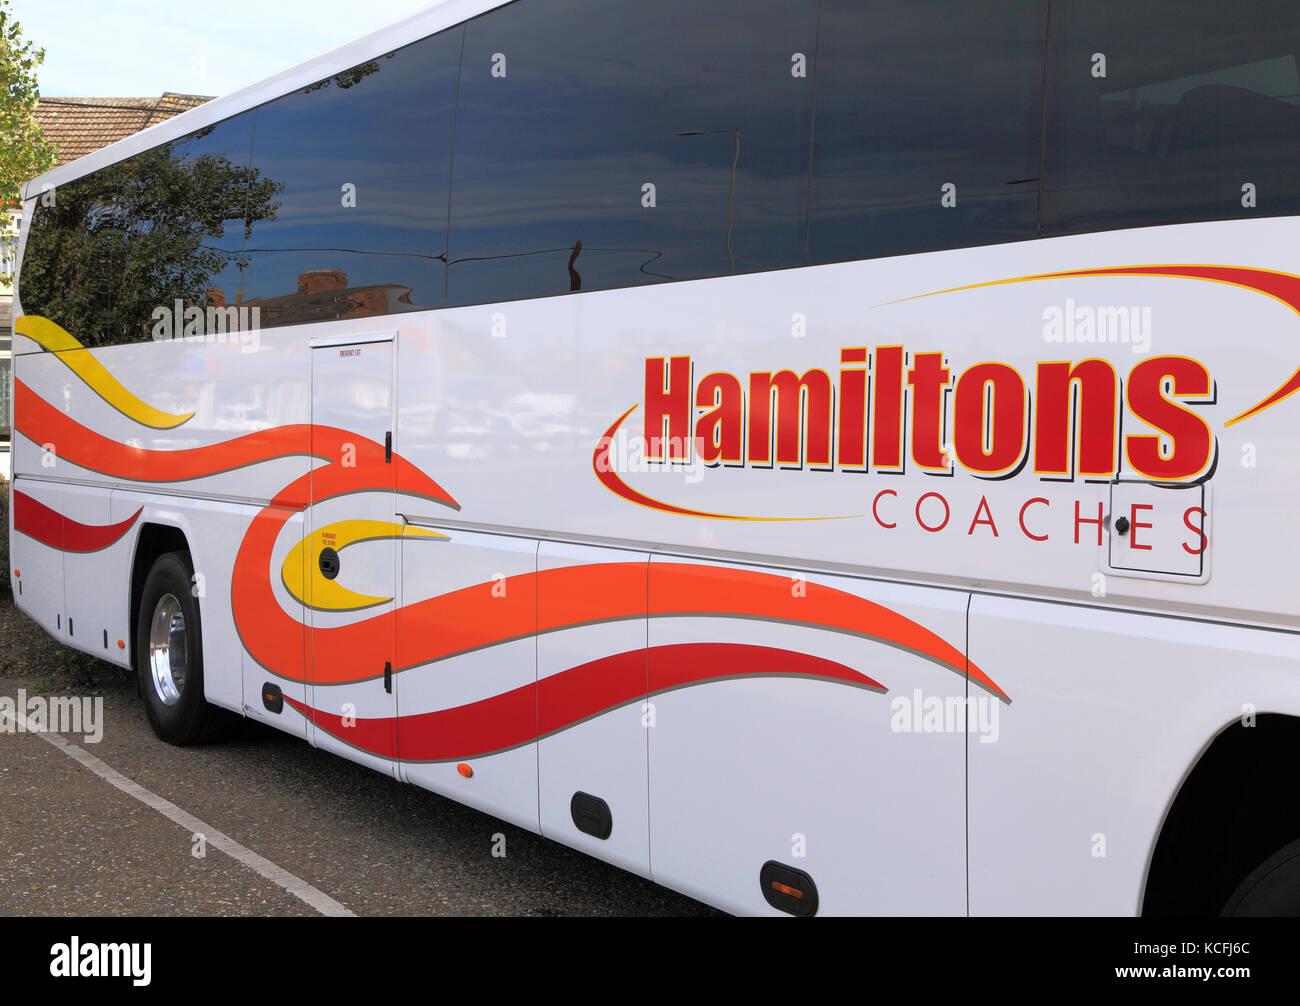 Hamilton's Coaches, Trainer, Tagesausflüge, Reise, Ausflüge. Ausflug, Urlaub, Ferien, Reisen unternehmen, Stockbild